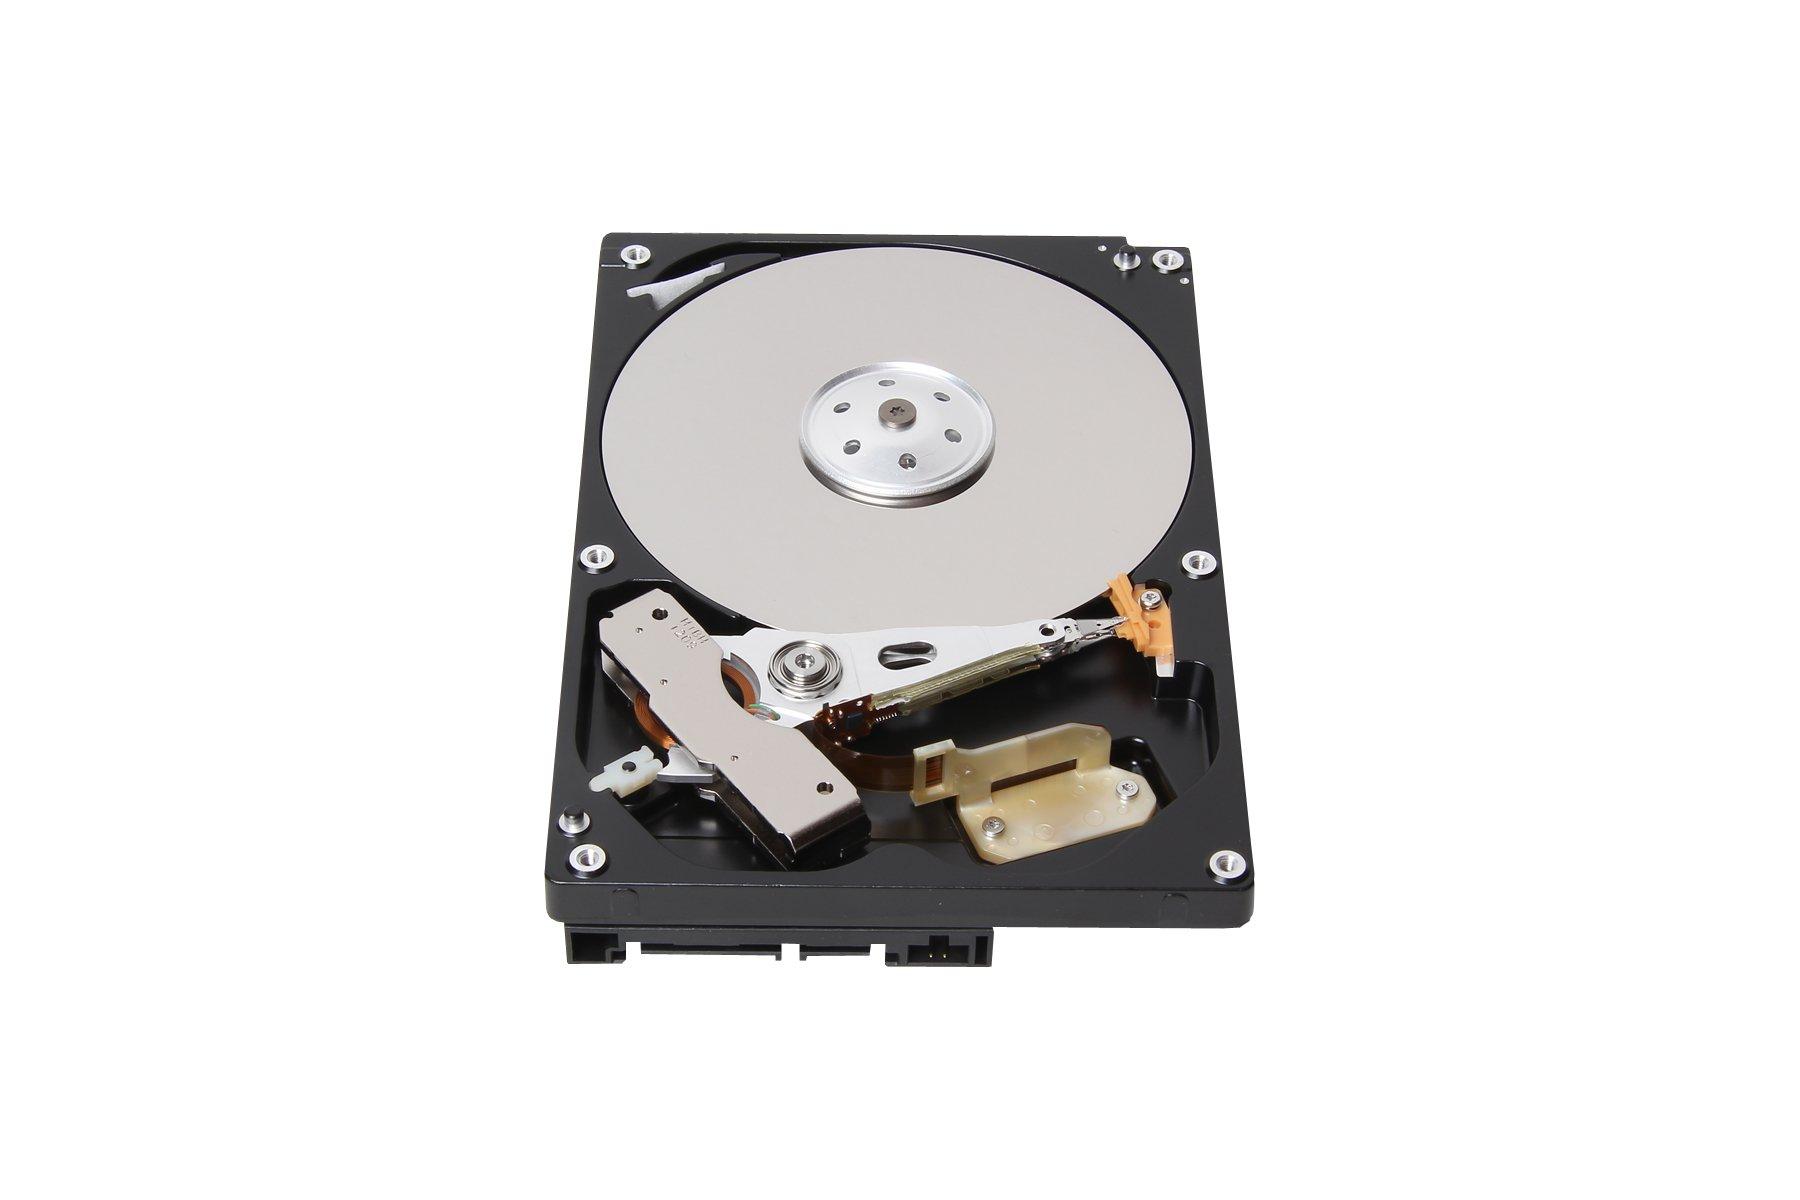 Toshiba DT01ACA050/HDKPC05 3.5-Inch 500GB 7200 RPM SATA3/SATA 6.0 GB/s 32MB Hard Drive DT01ACA050